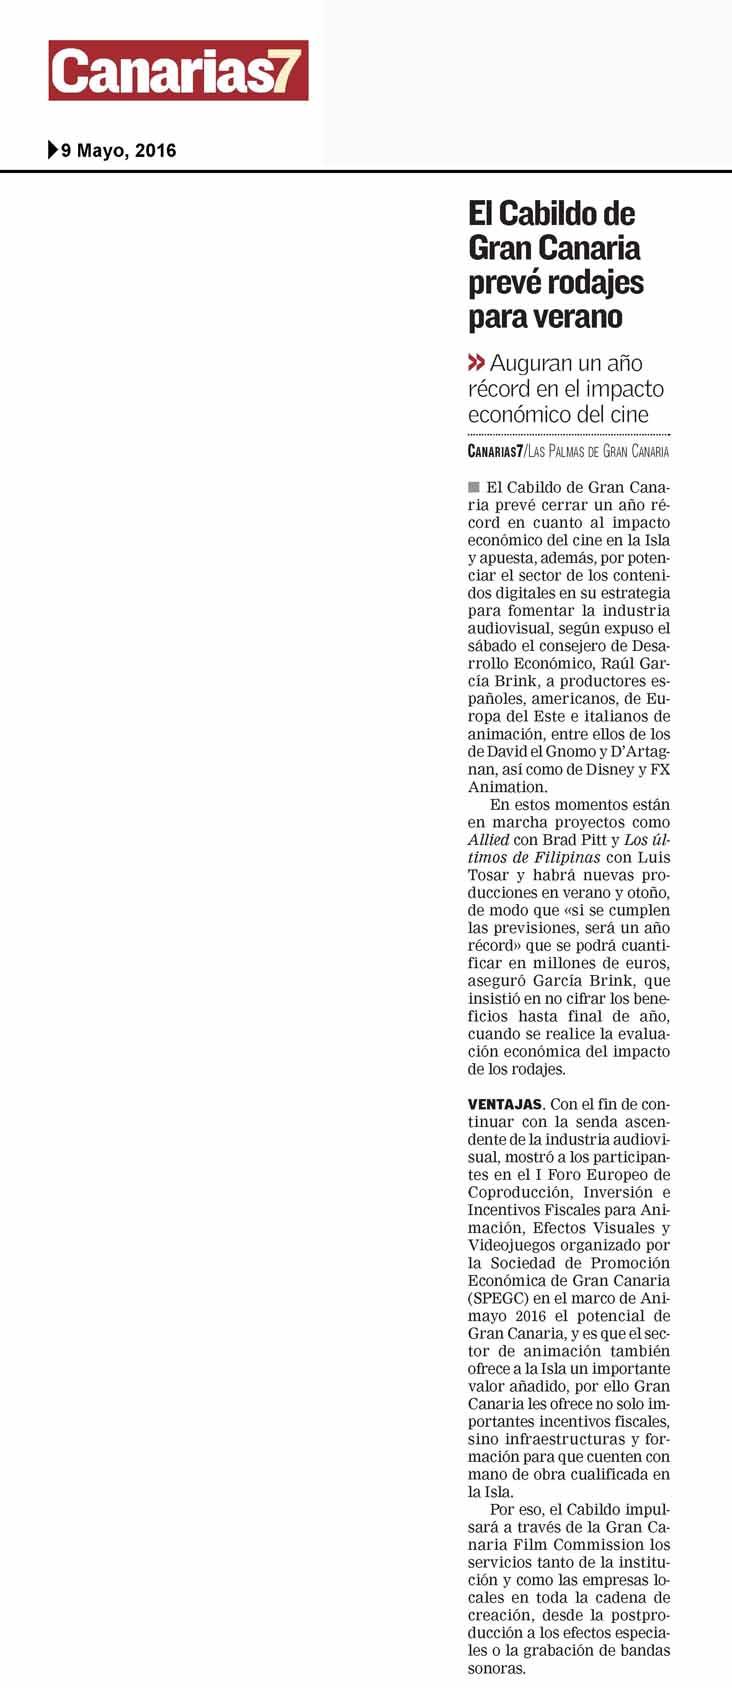 160509_Canarias7_Animayo